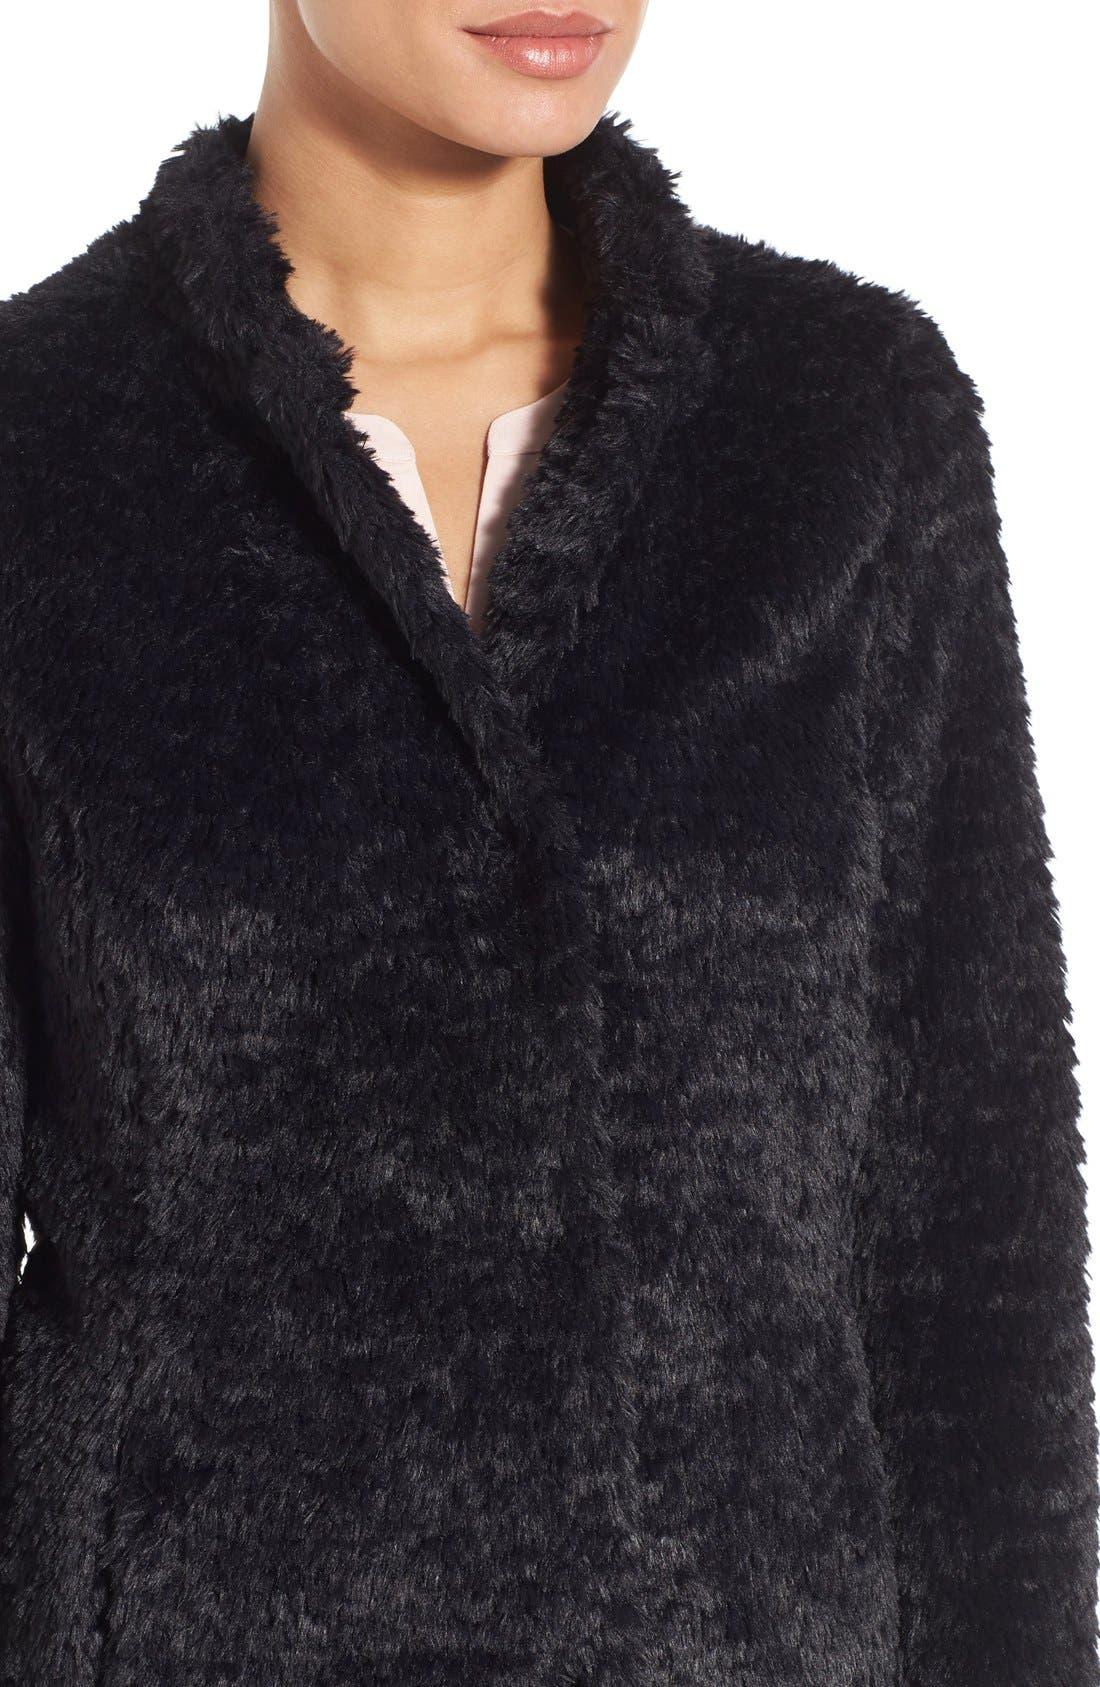 Faux Fur Jacket,                             Alternate thumbnail 23, color,